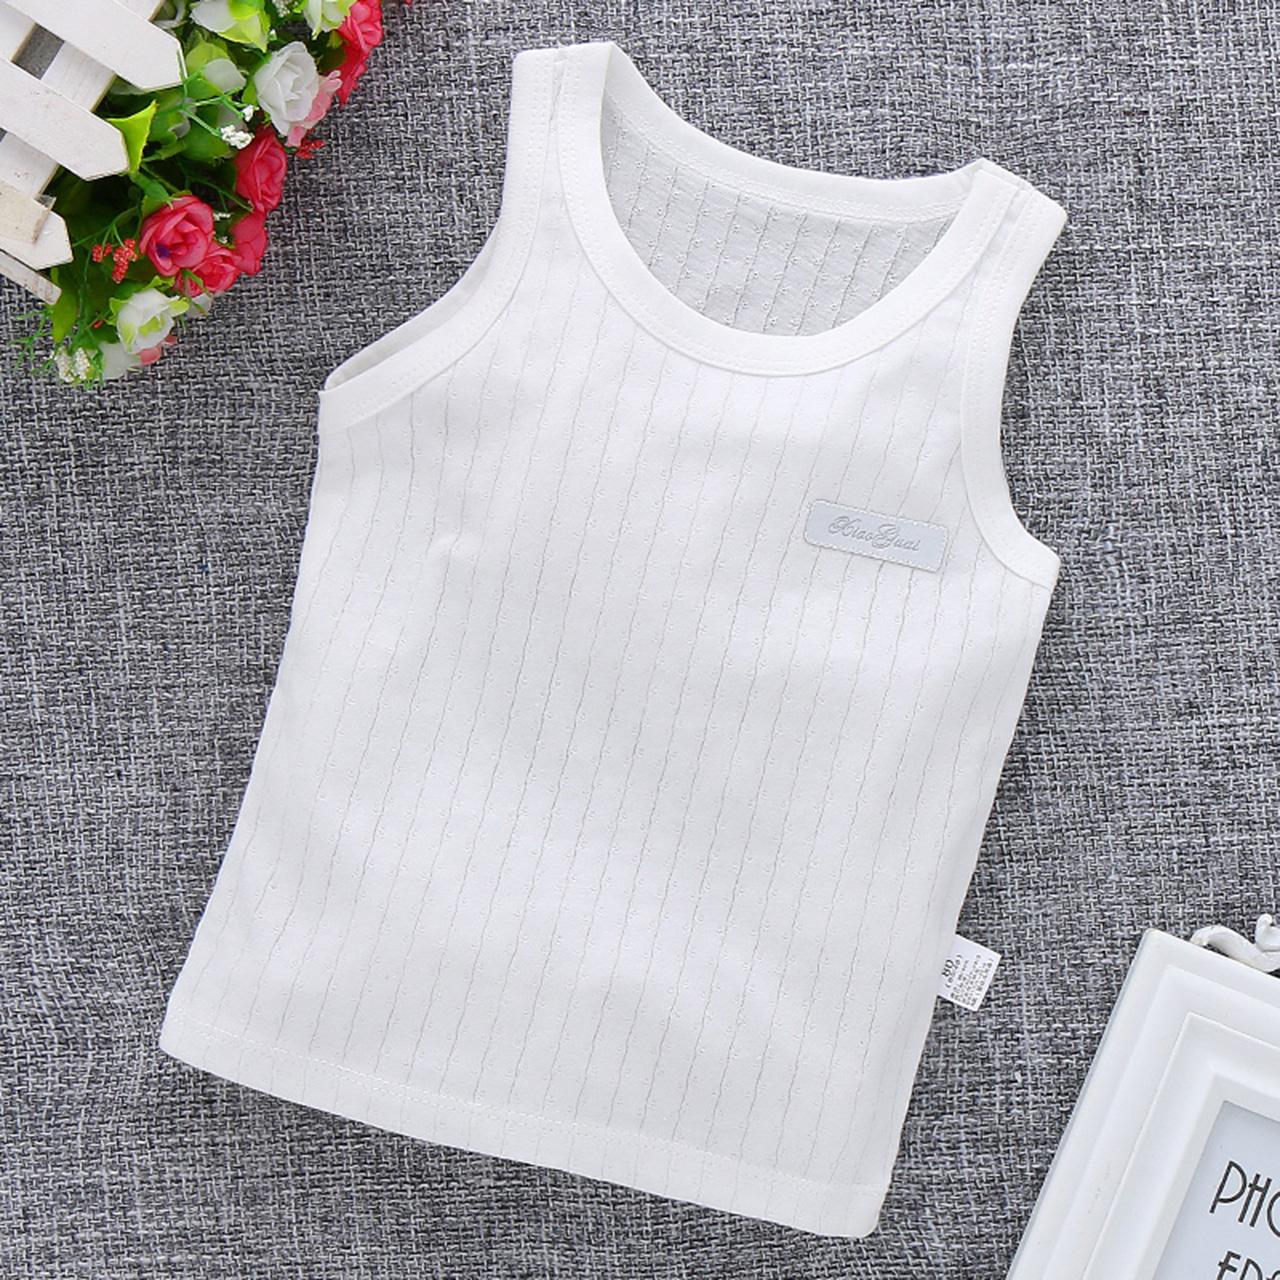 婴儿小背心纯棉薄款中大儿童夏季吊带护肚内穿外女童男童宝宝无袖